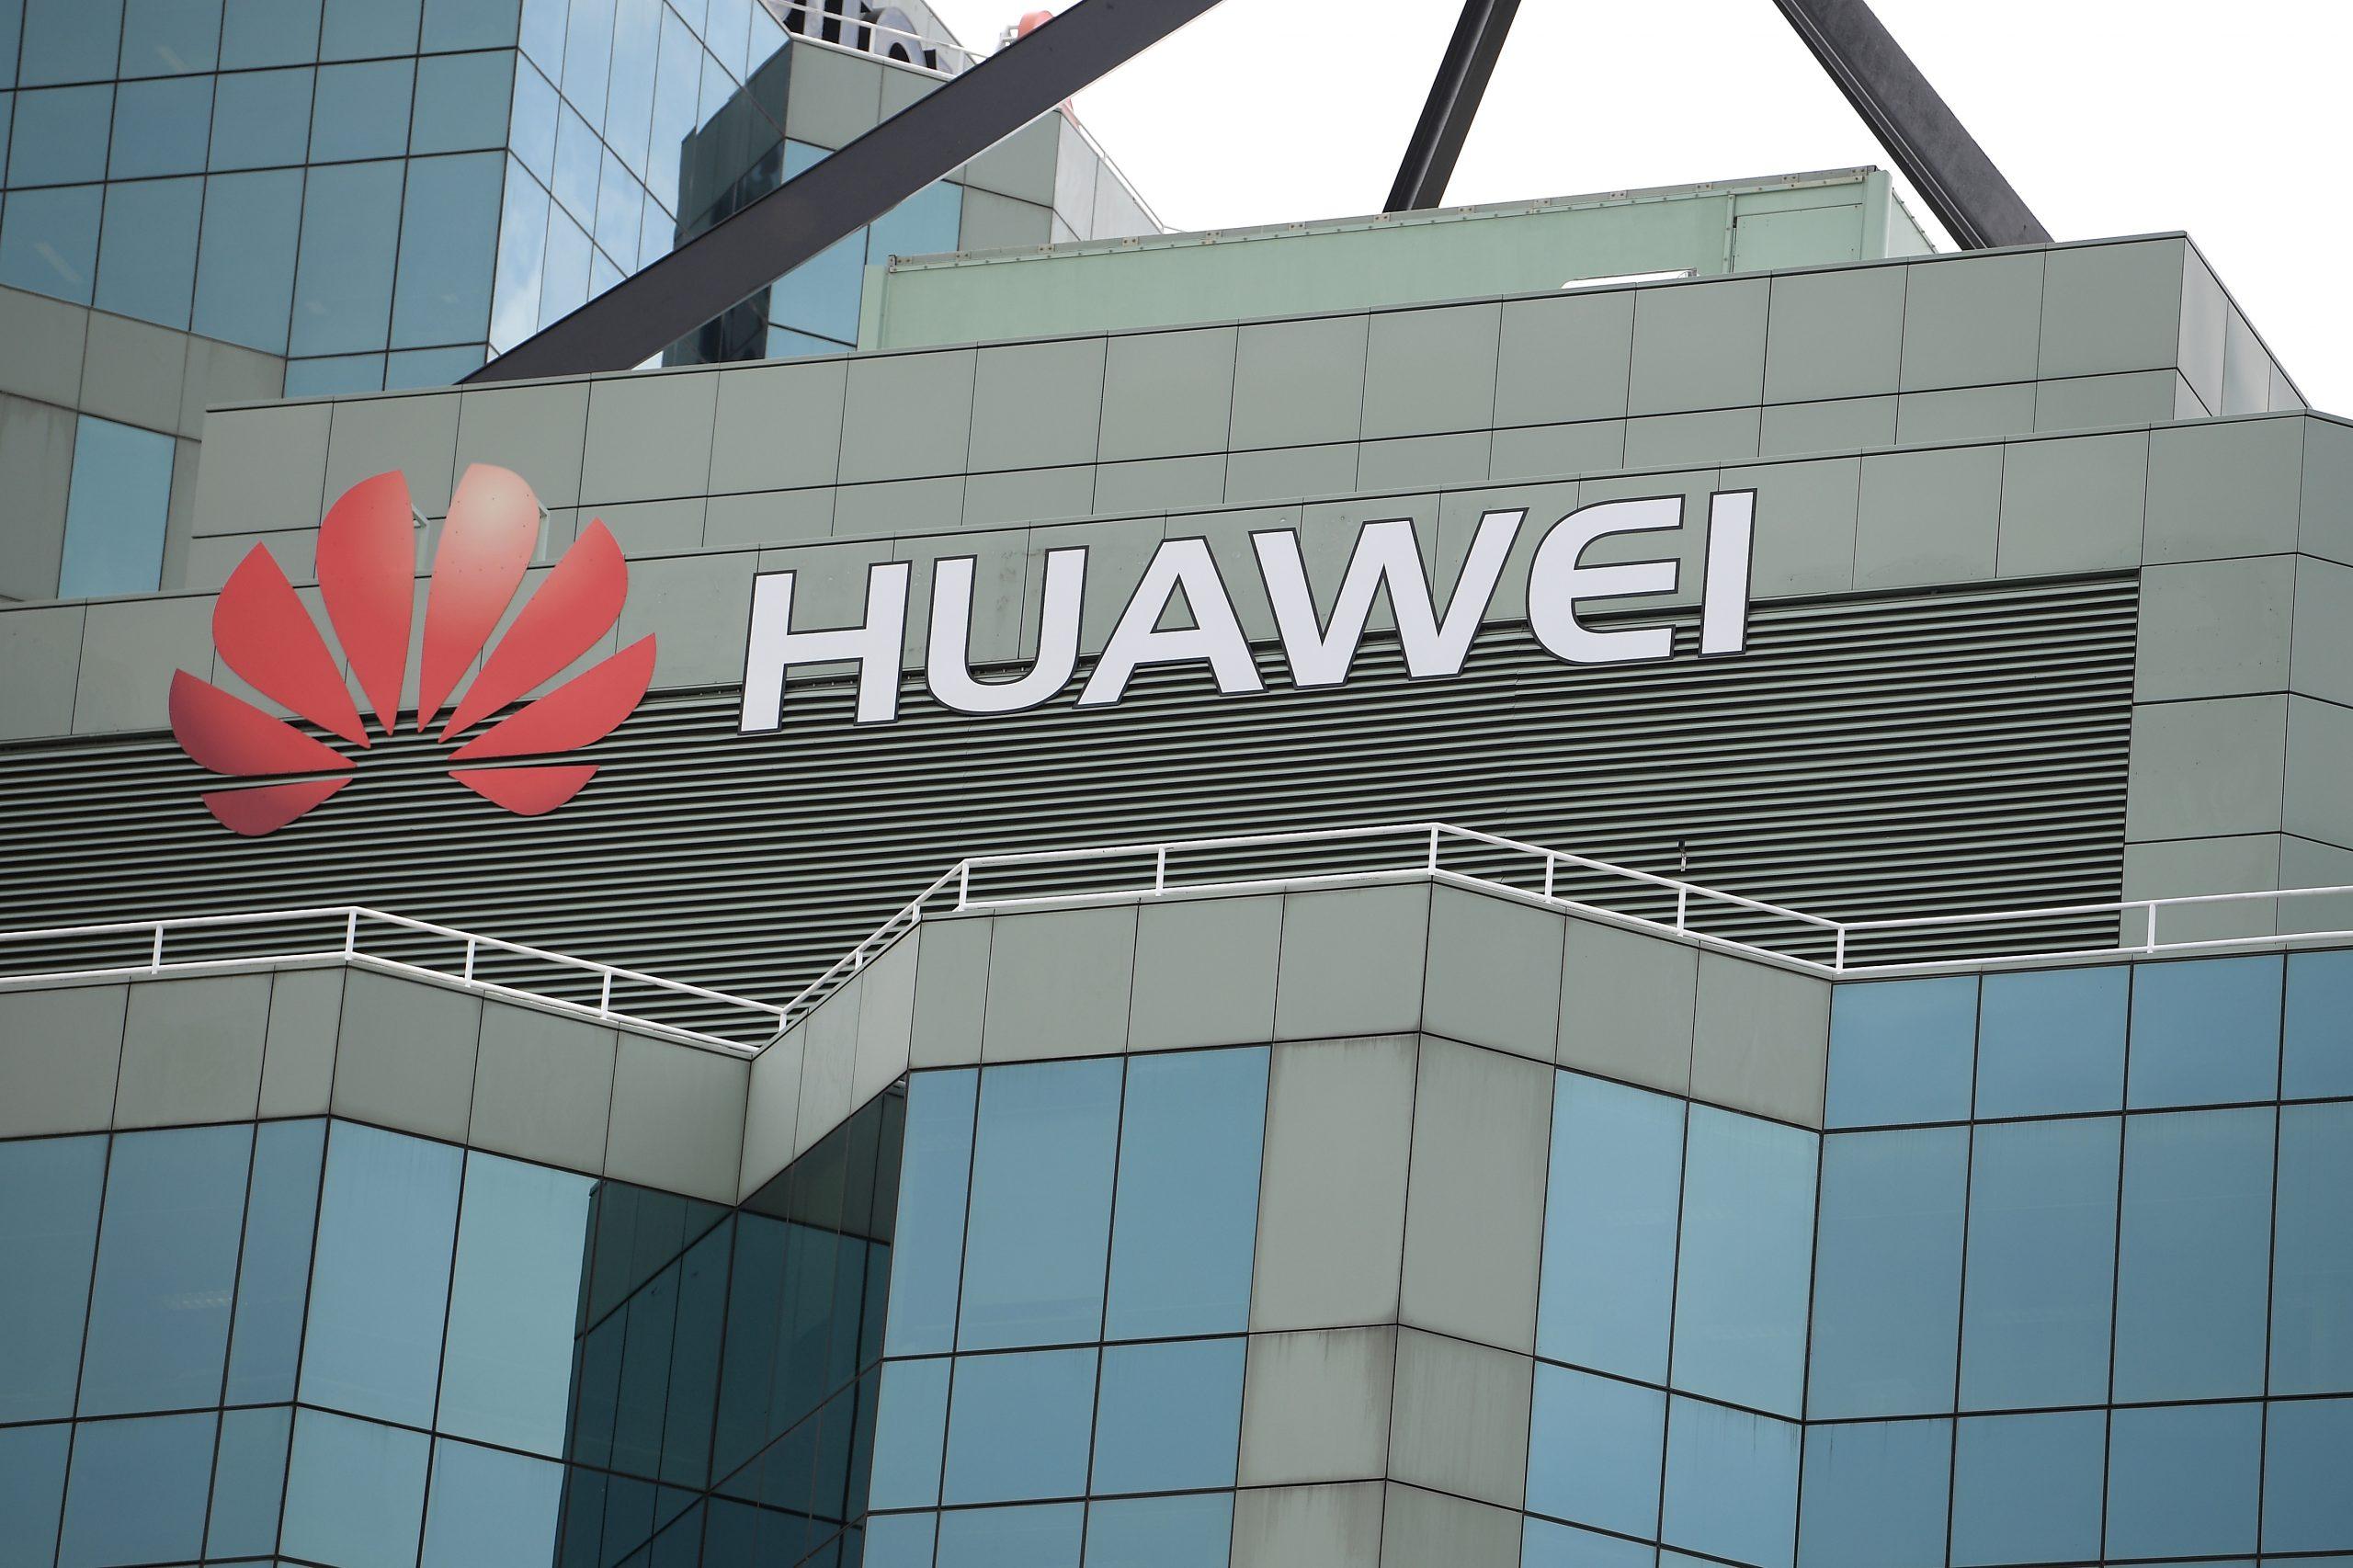 Buscando el fin de la prohibición de 5G, Huawei dice estar listo para aceptar los términos que Suecia puede establecer